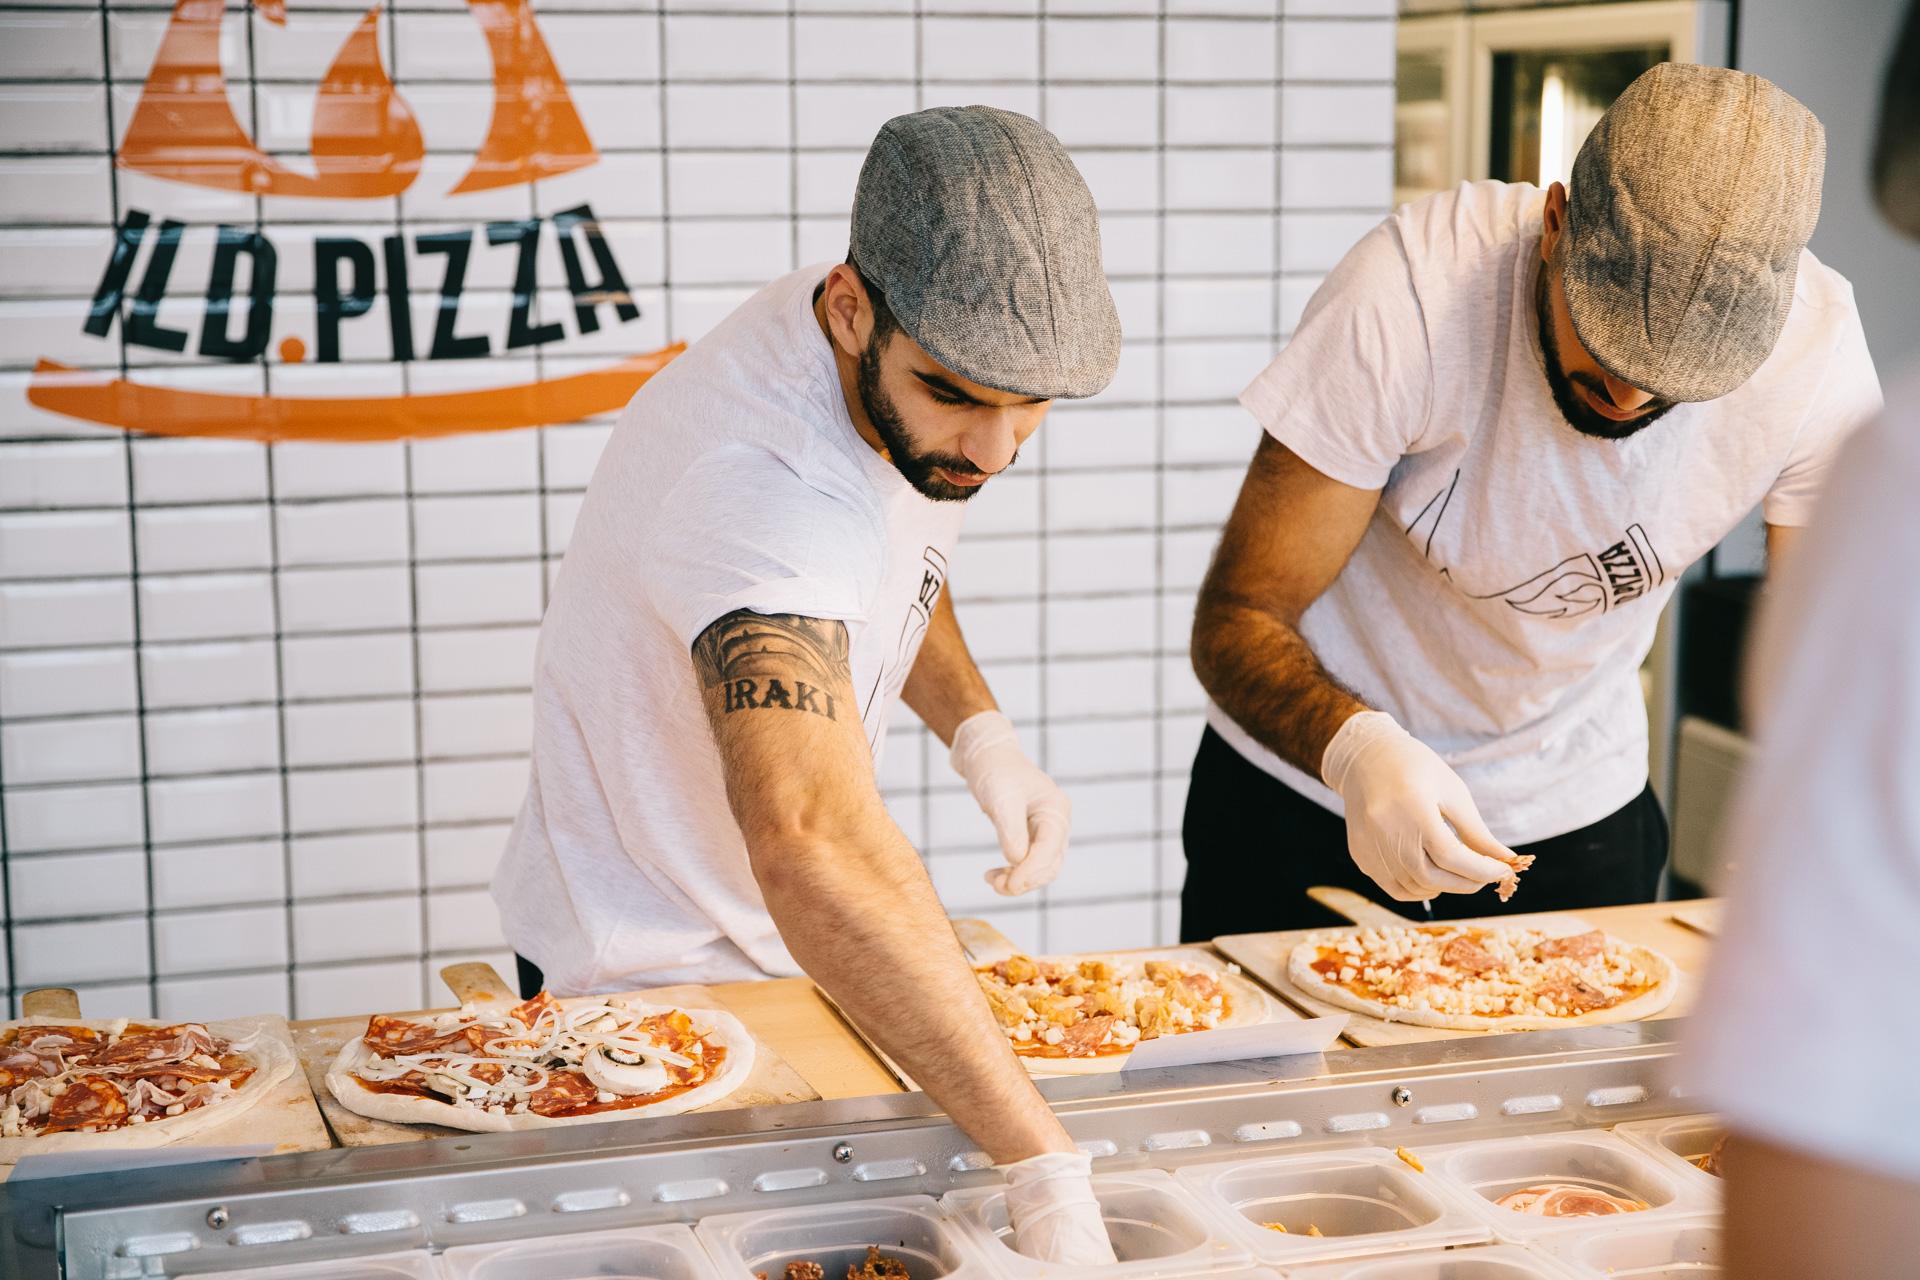 Kæmpe succes: Beboerne fandt lokale til Ild.pizza - åbner nummer 3 den 29. november